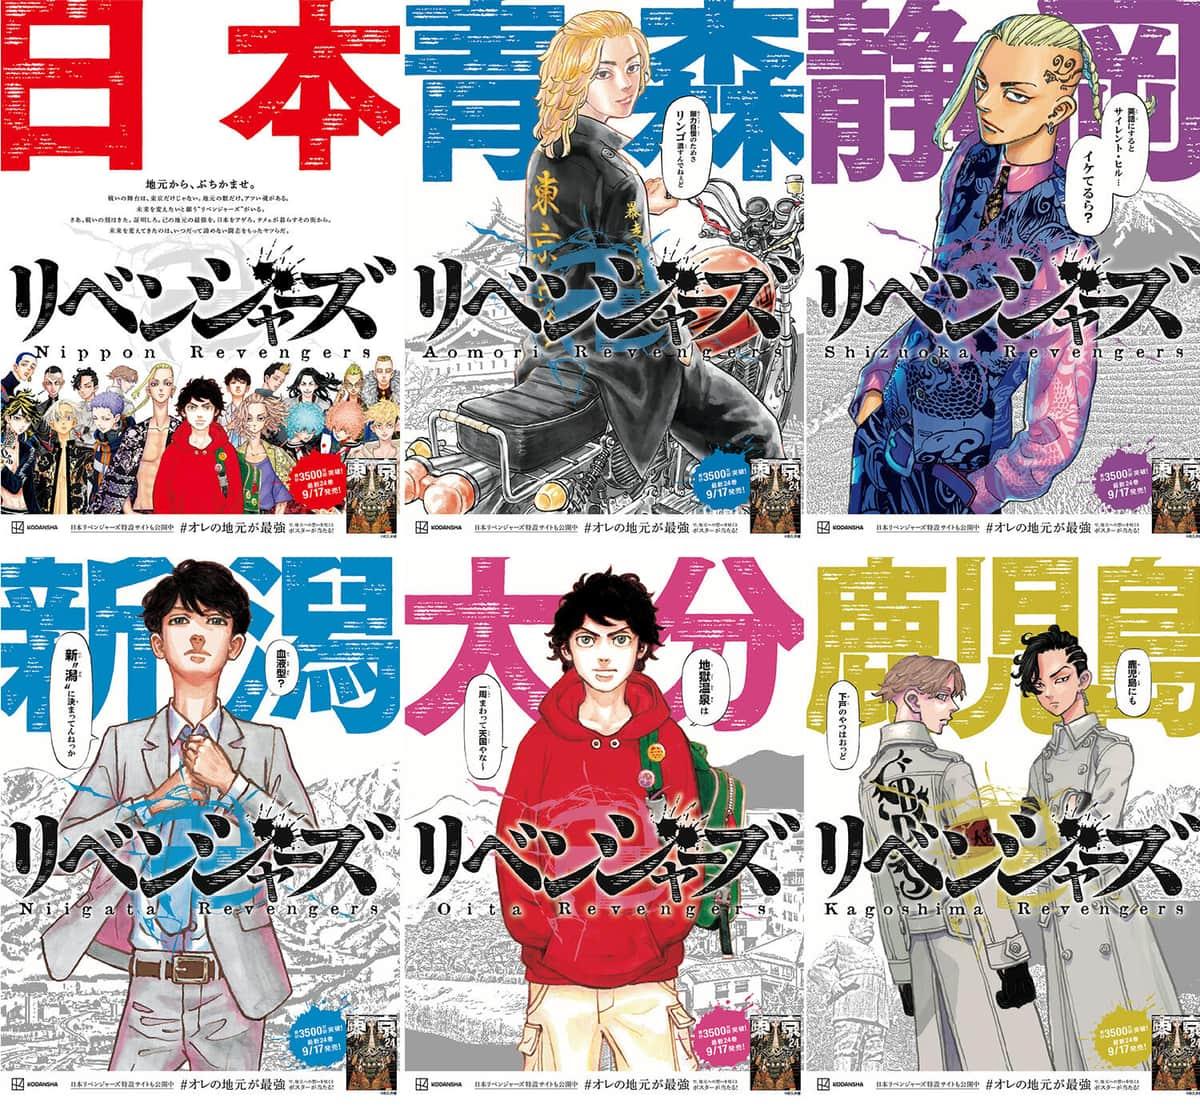 「東京卍リベンジャーズ」新聞広告に さっそく転売、1500円で売買も